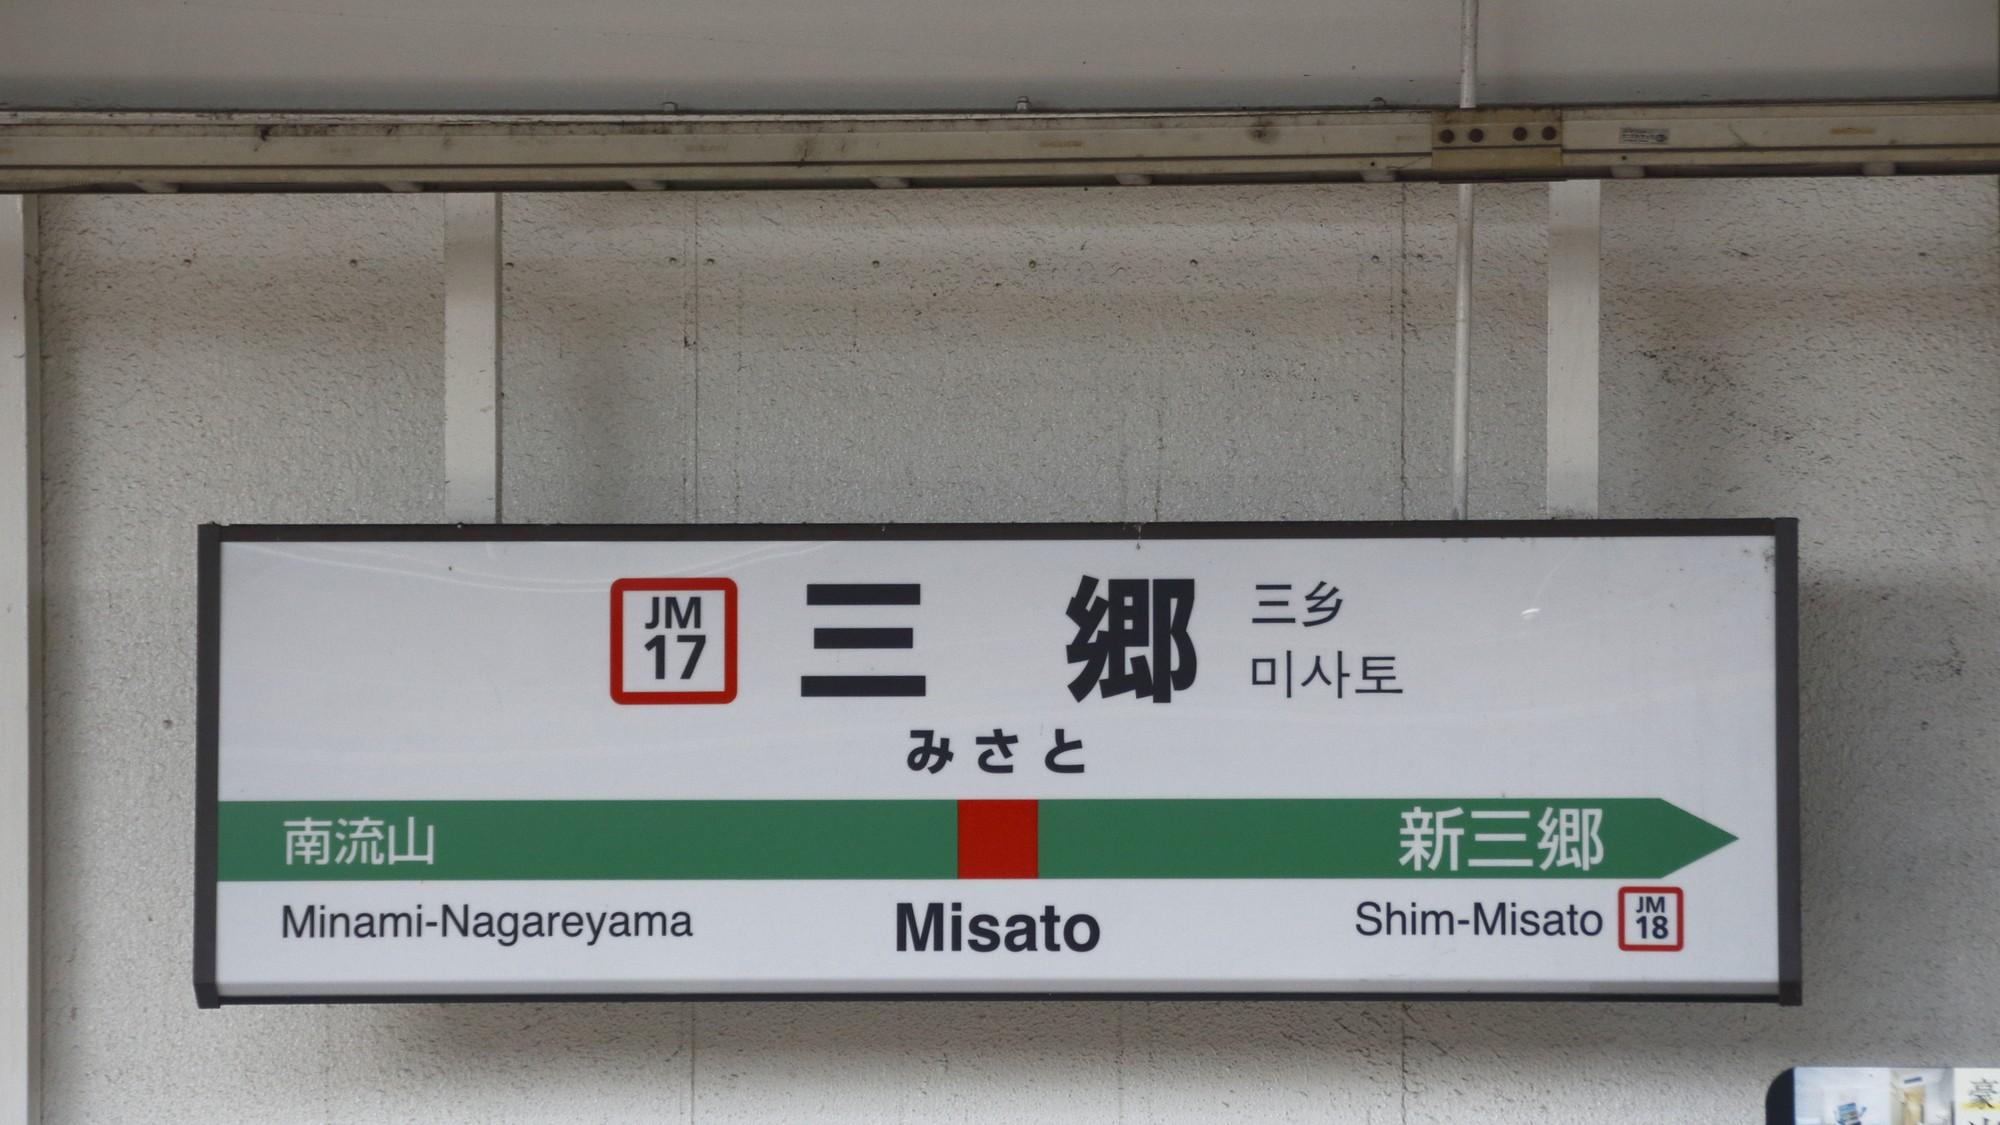 新駅に主役を奪われる!単身者が「埼玉・三郷」を選ぶ意味は?